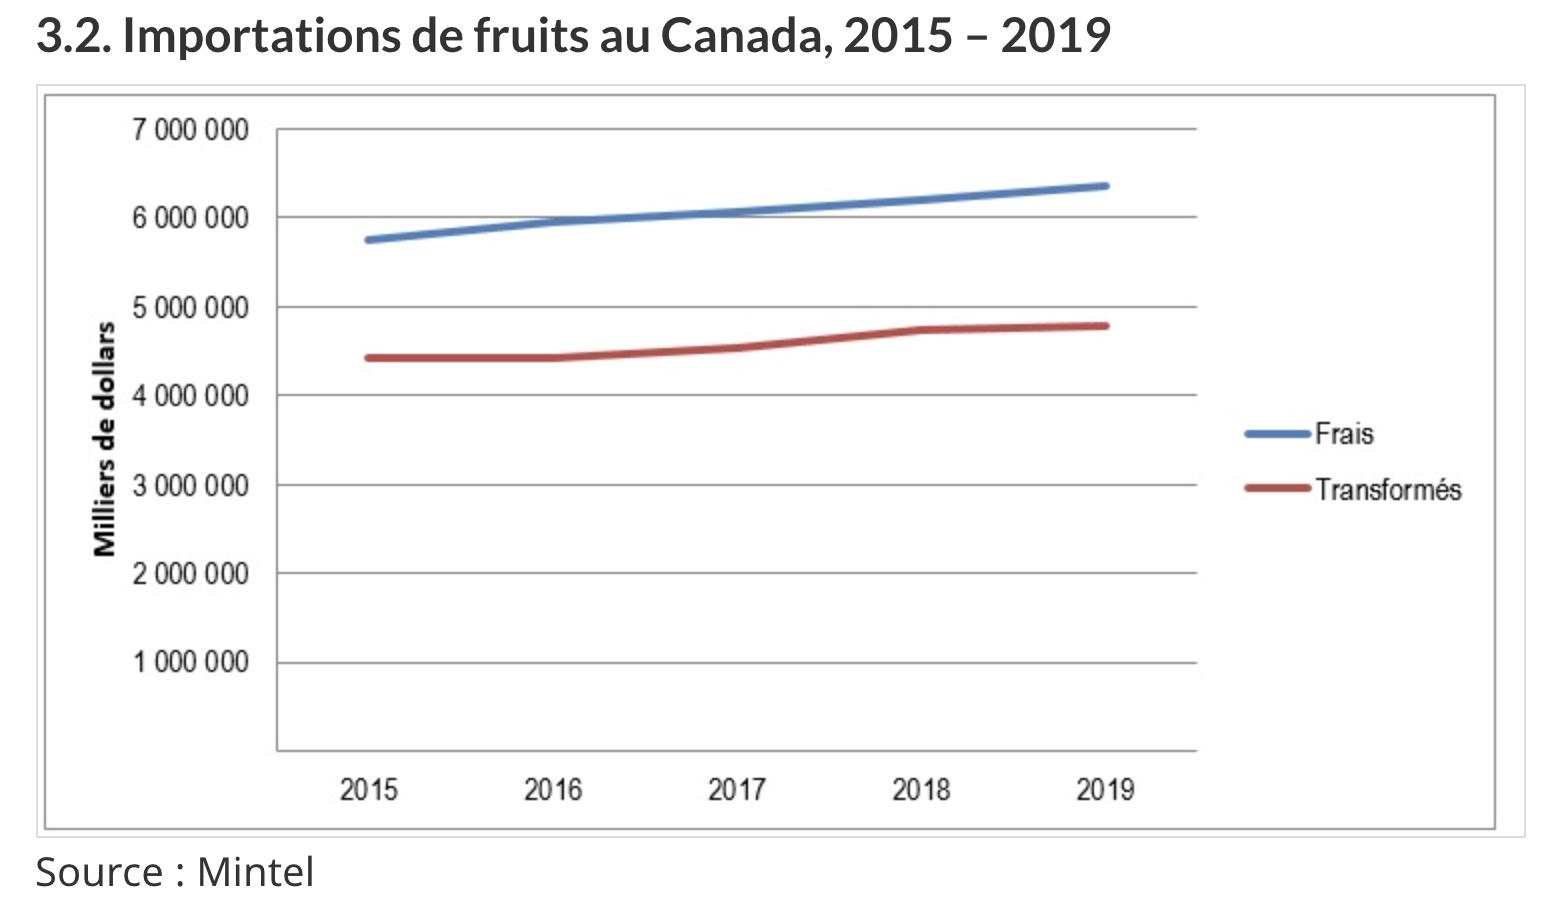 Importations de fruits du Canada